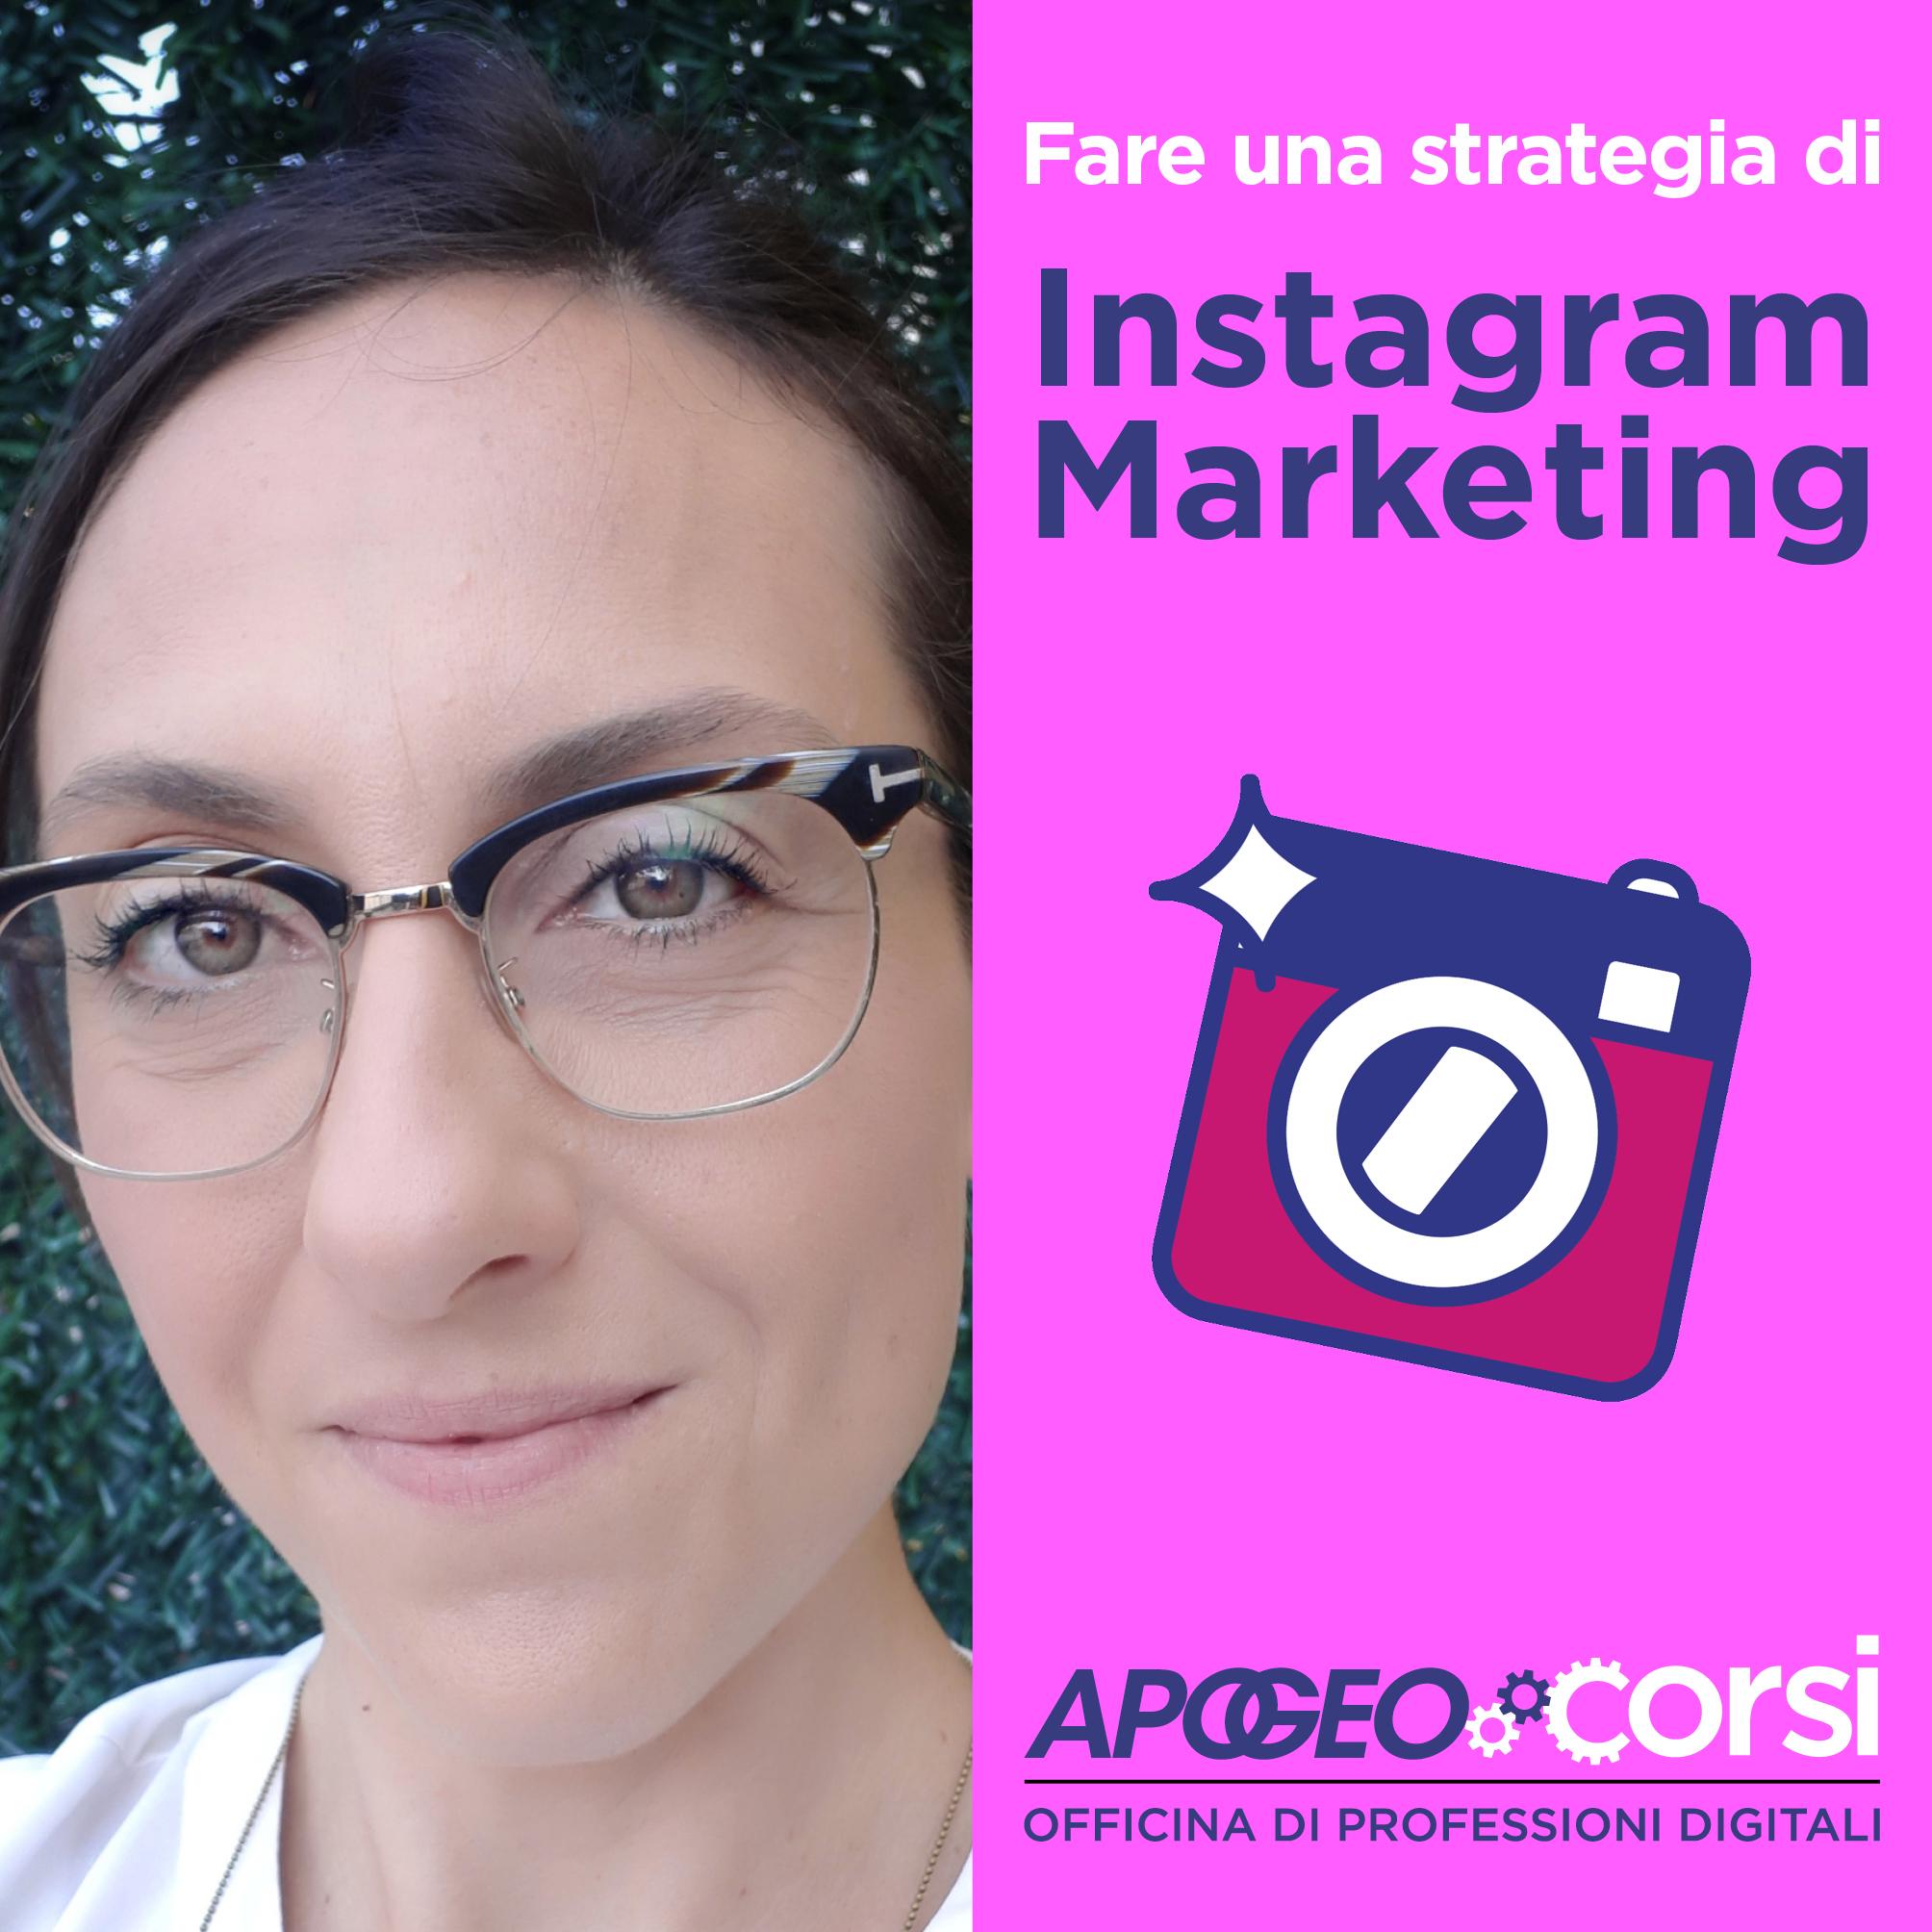 Fare_una_strategia_di_Instagram_Marketing-home